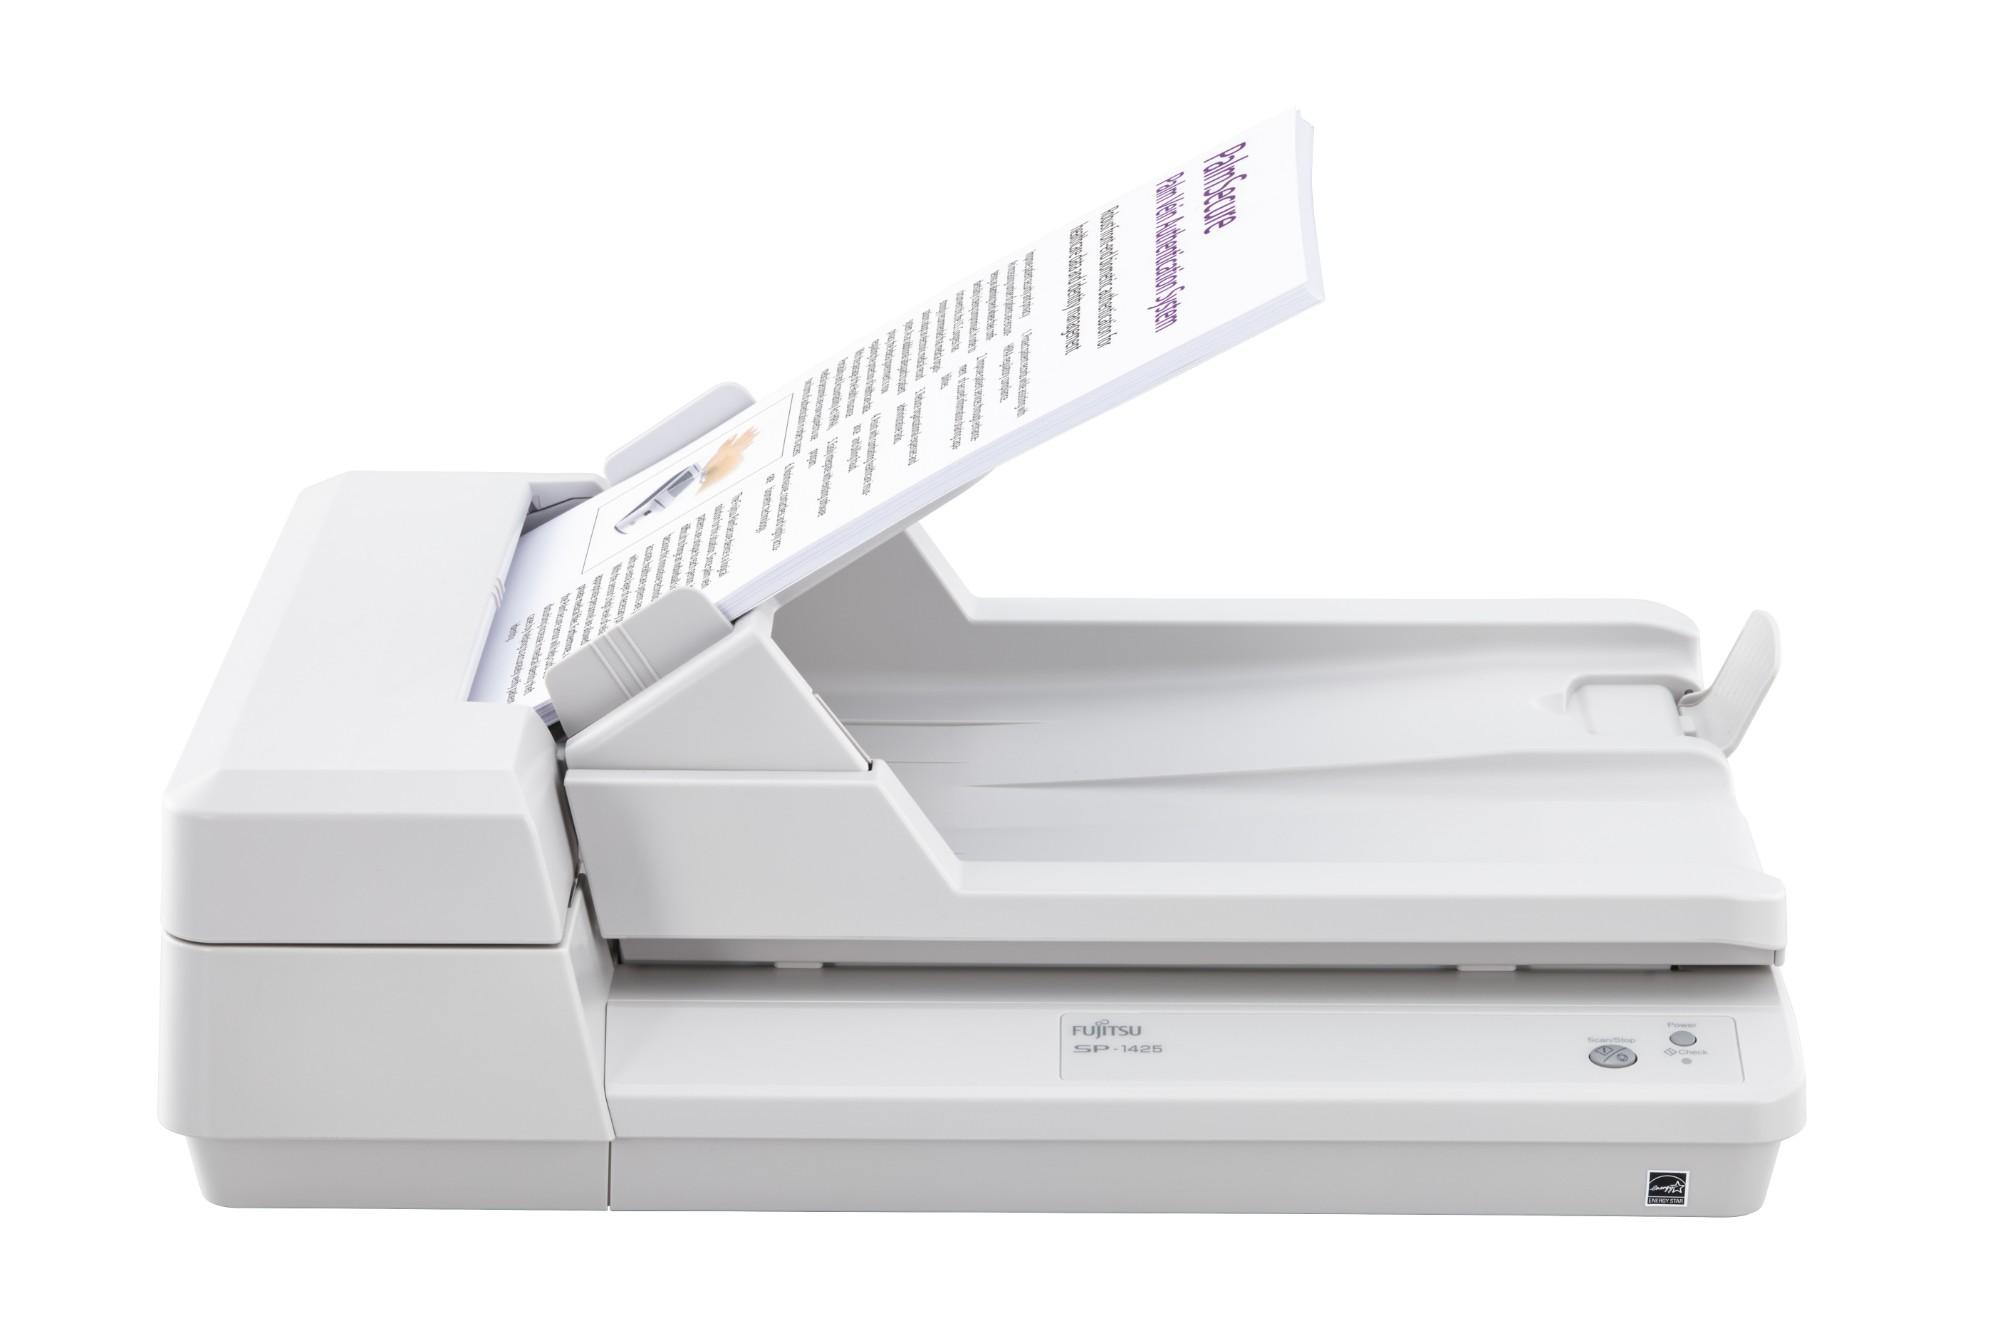 Fujitsu SP-1425 Flatbed & ADF scanner 600 x 600 DPI A4 White